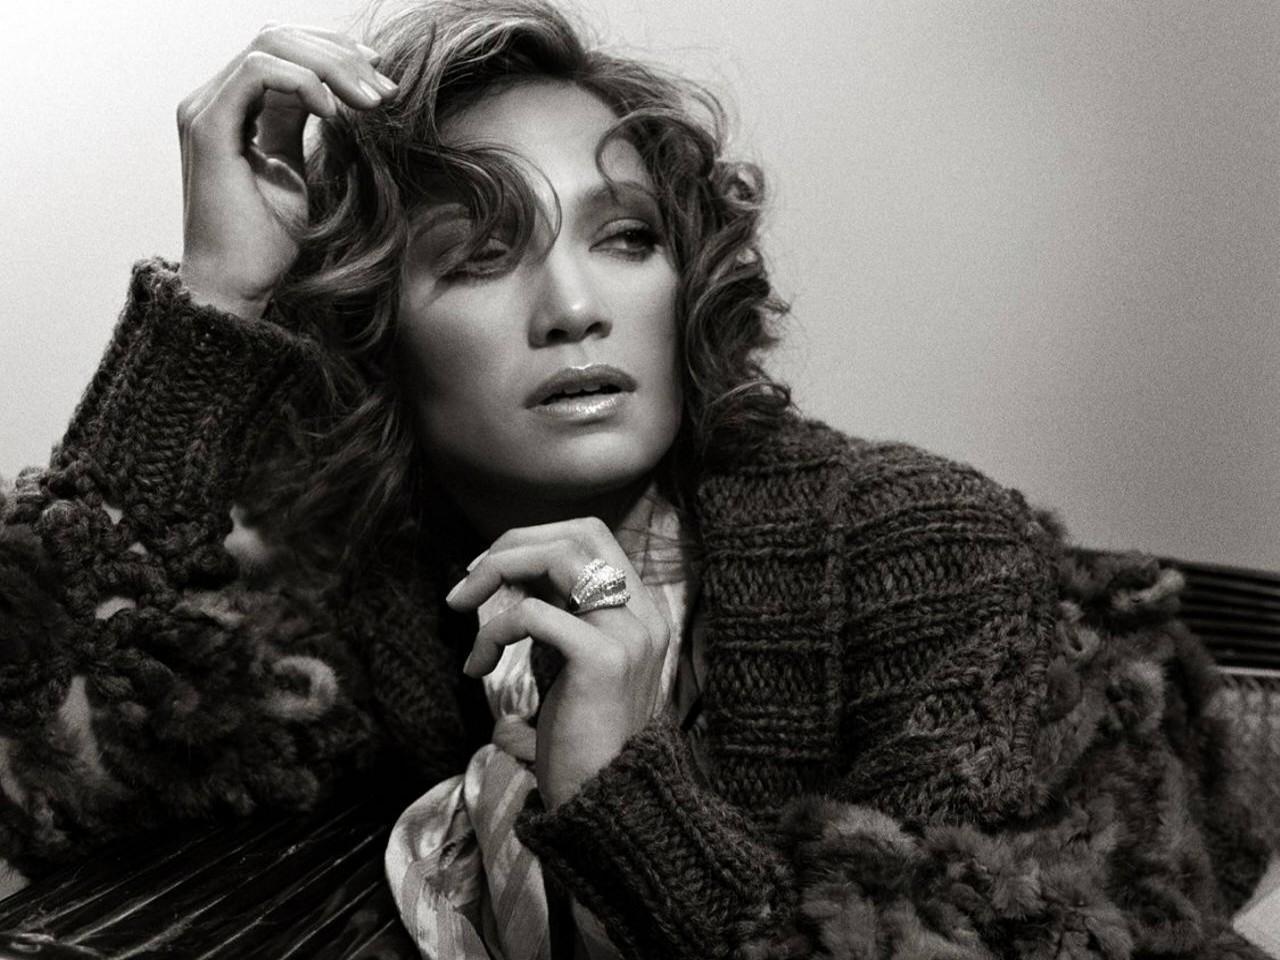 Wallpaper di Jennifer Lopez in uno splendido ritratto b/n